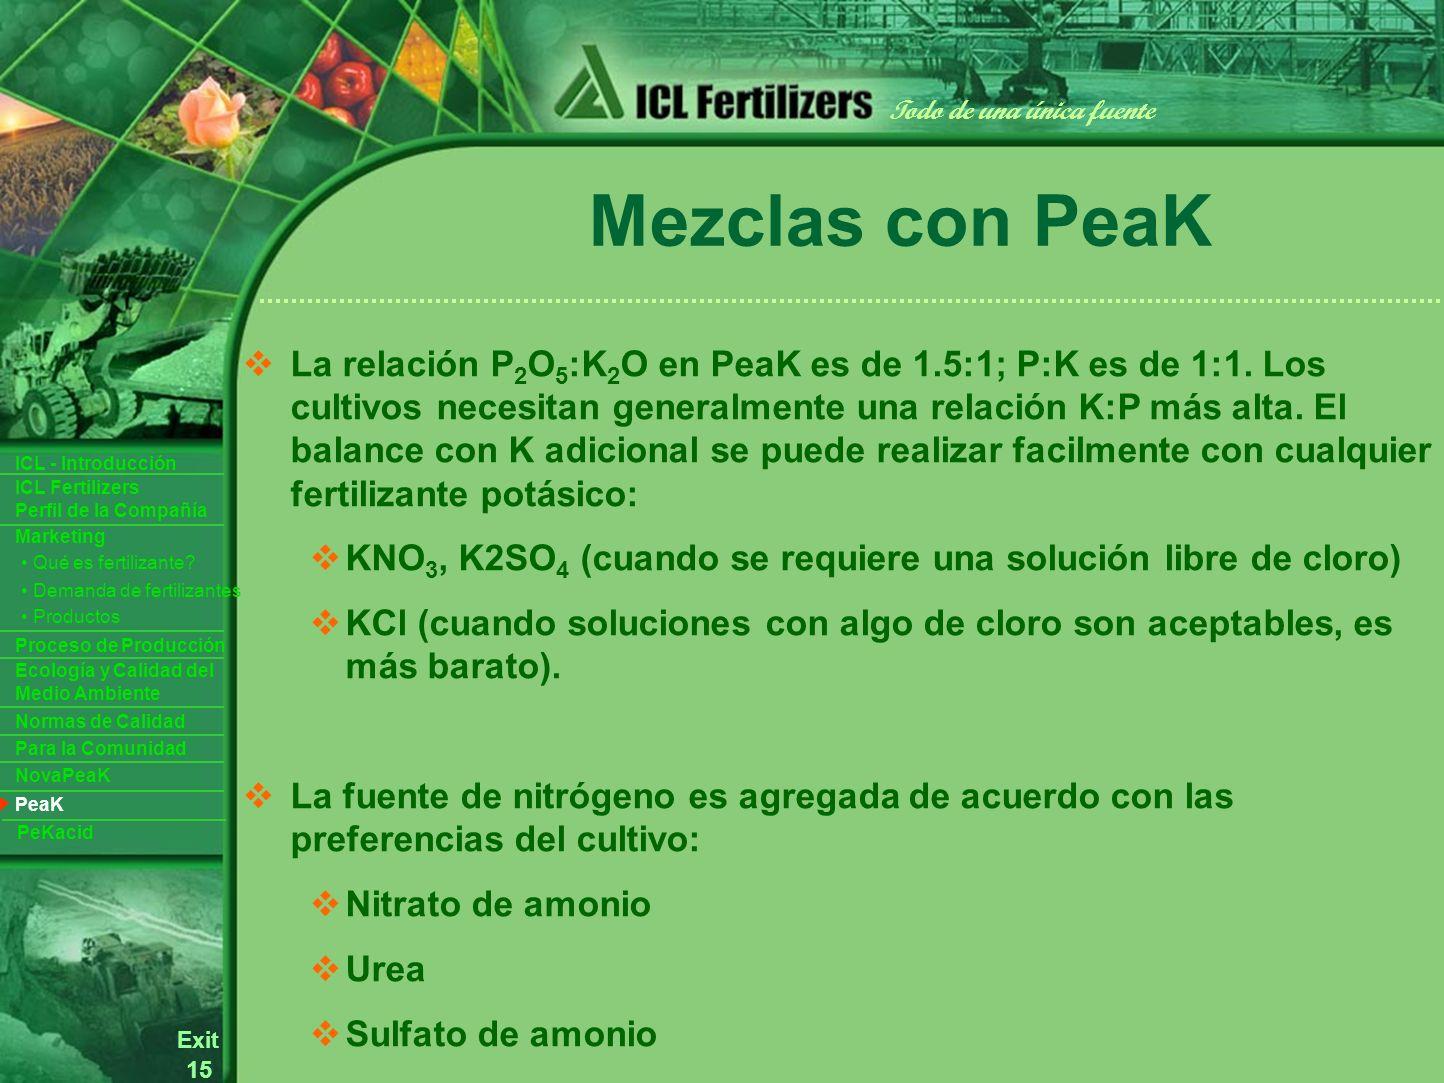 15 Exit Todo de una única fuente ICL Fertilizers Perfil de la Compañía ICL - Introducción Productos Para la Comunidad Ecología y Calidad del Medio Ambiente Normas de Calidad Marketing Proceso de Producción Demanda de fertilizantes Qué es fertilizante.